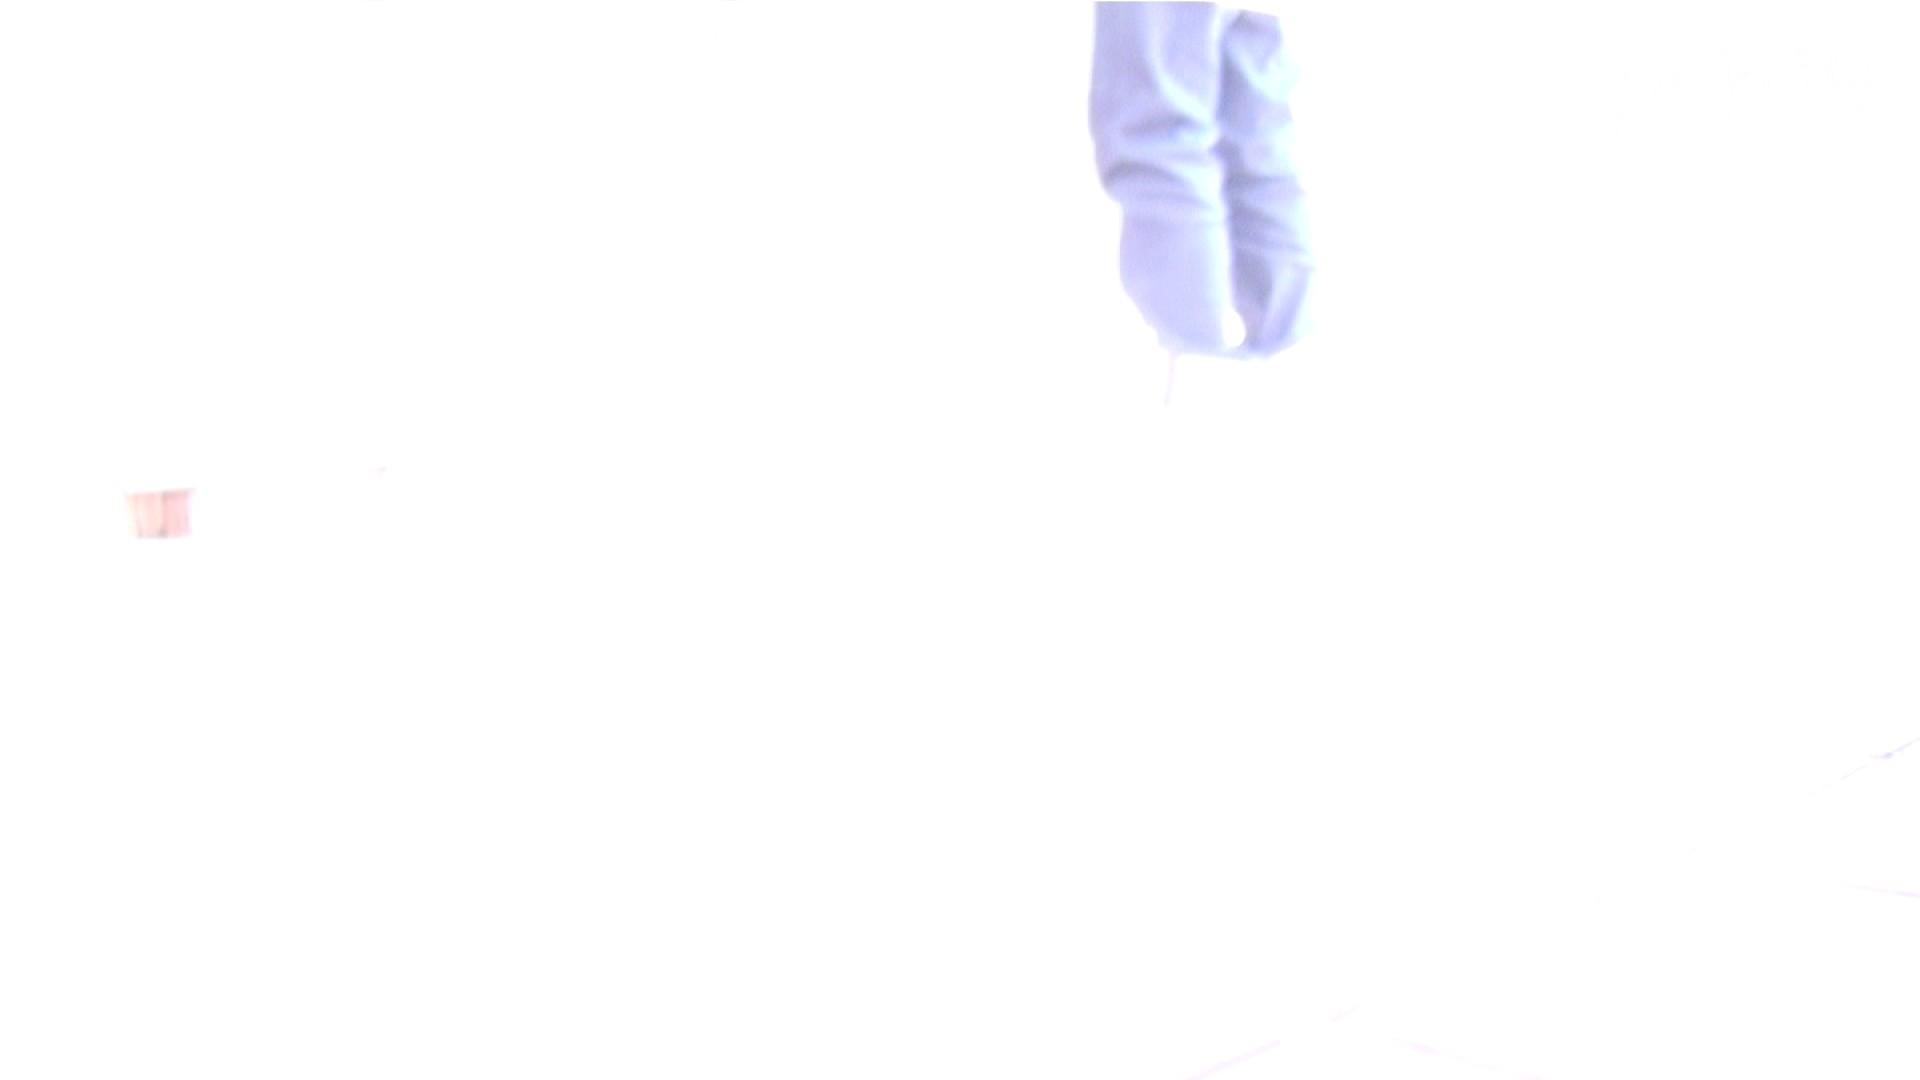 ▲復活限定▲ハイビジョン 盗神伝 Vol.19 洗面所 AV動画キャプチャ 92画像 13